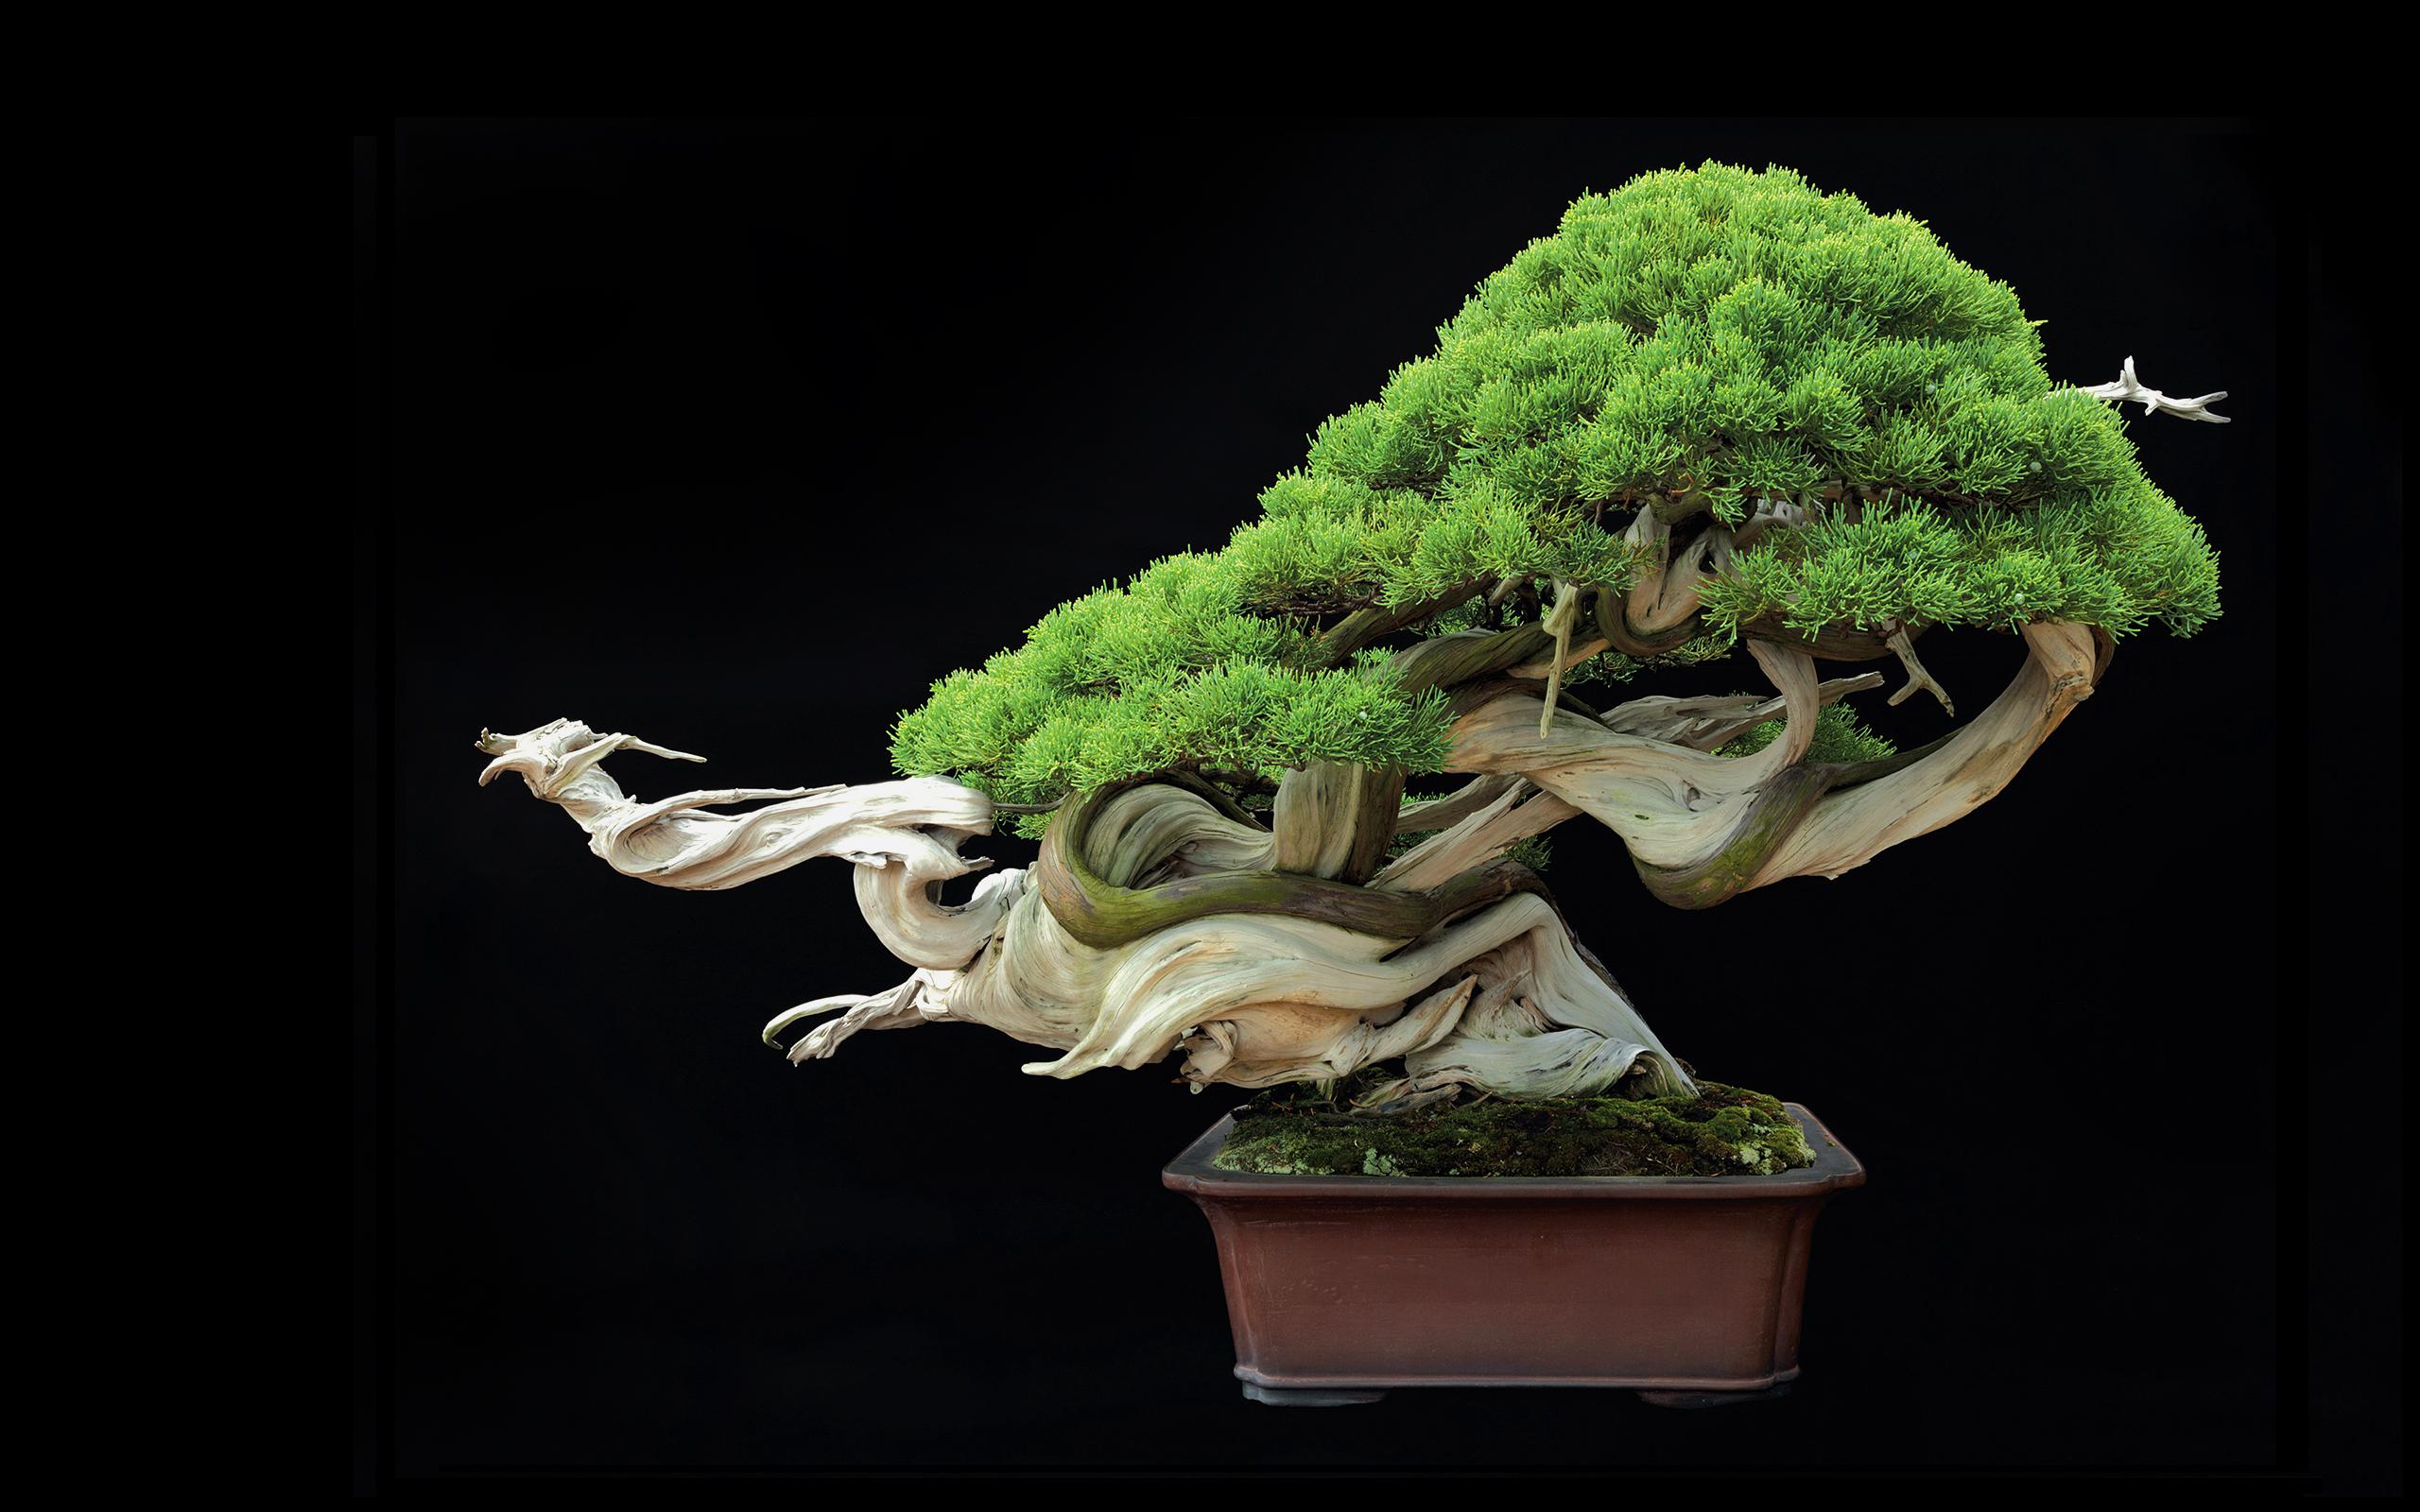 bonsai wallpaper 03 ndash - photo #2